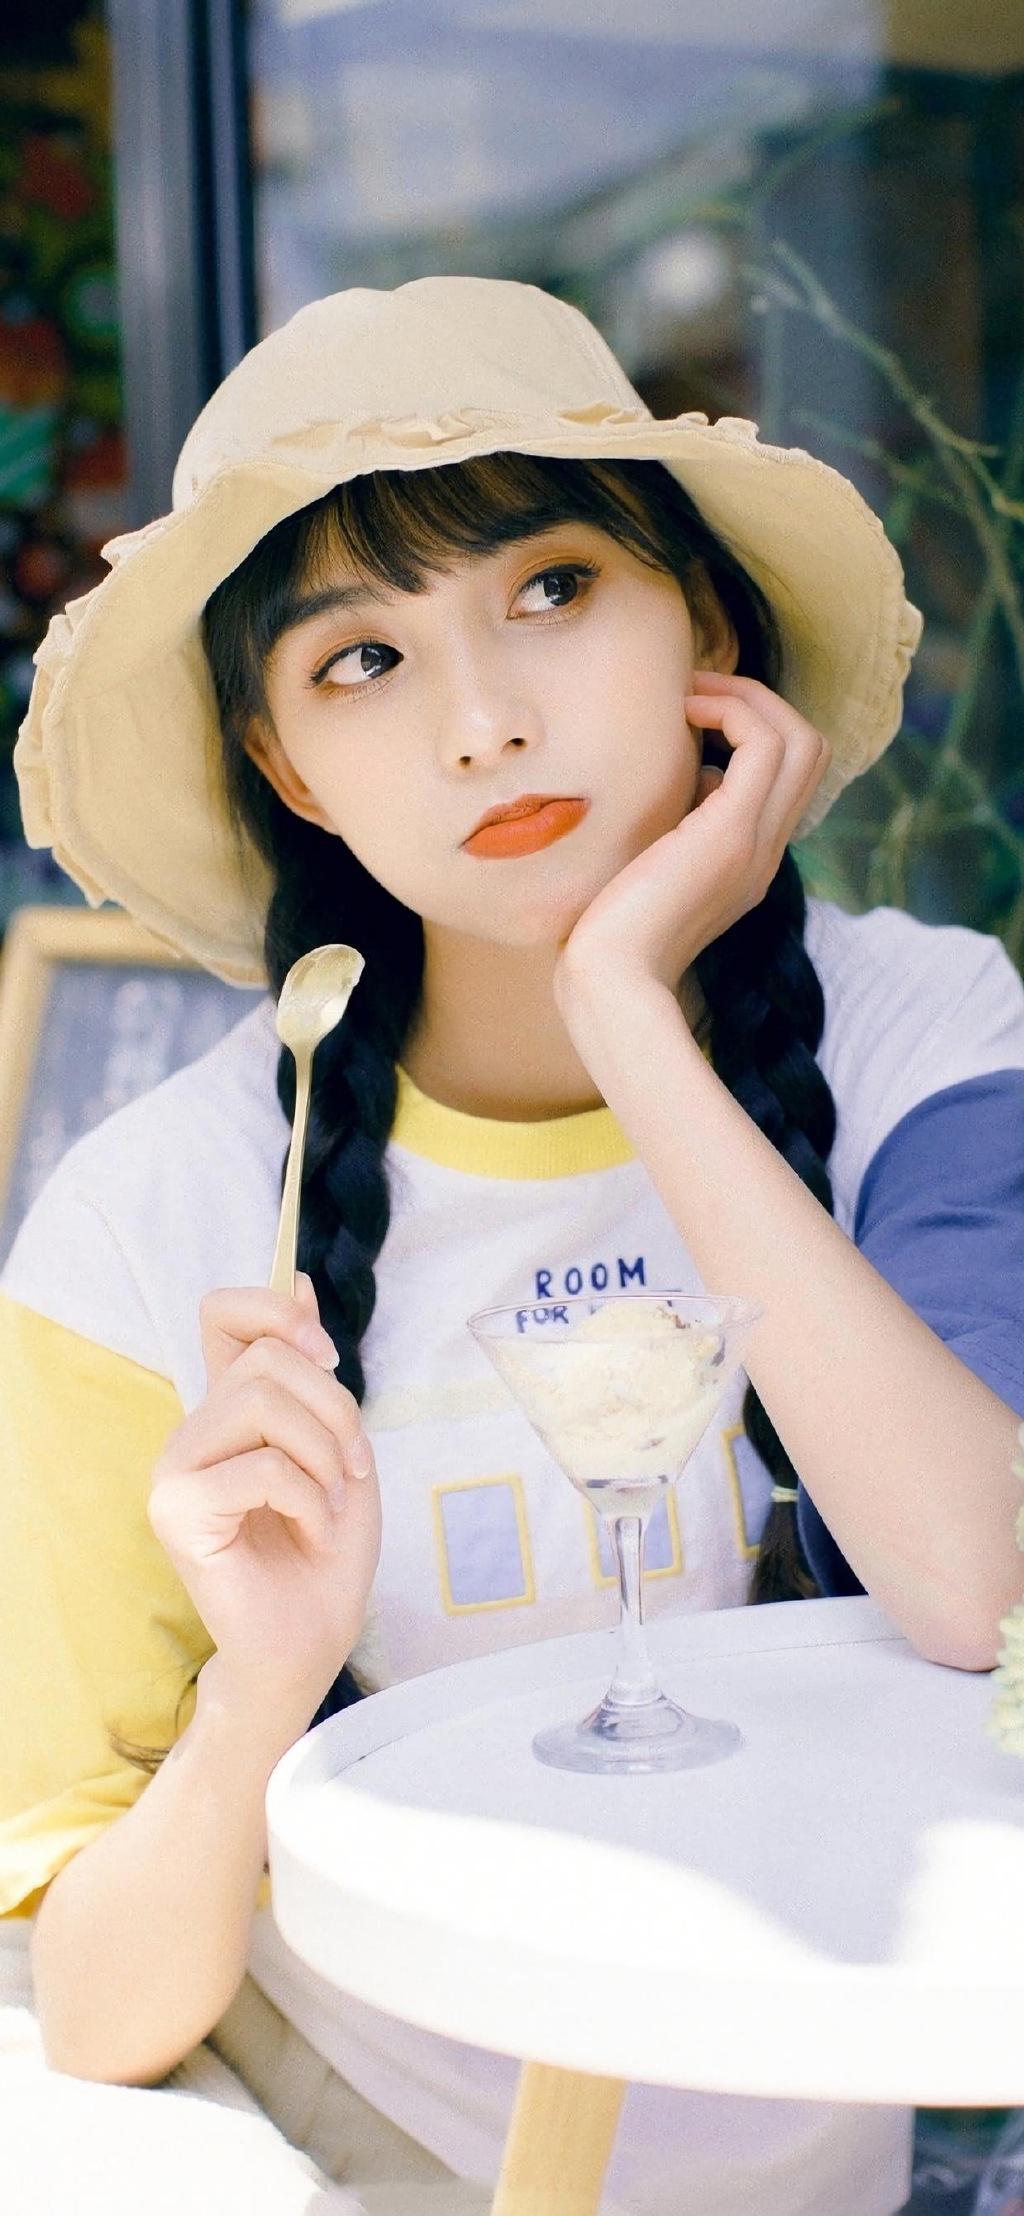 可爱元气美女小清新甜美日系少女写真集